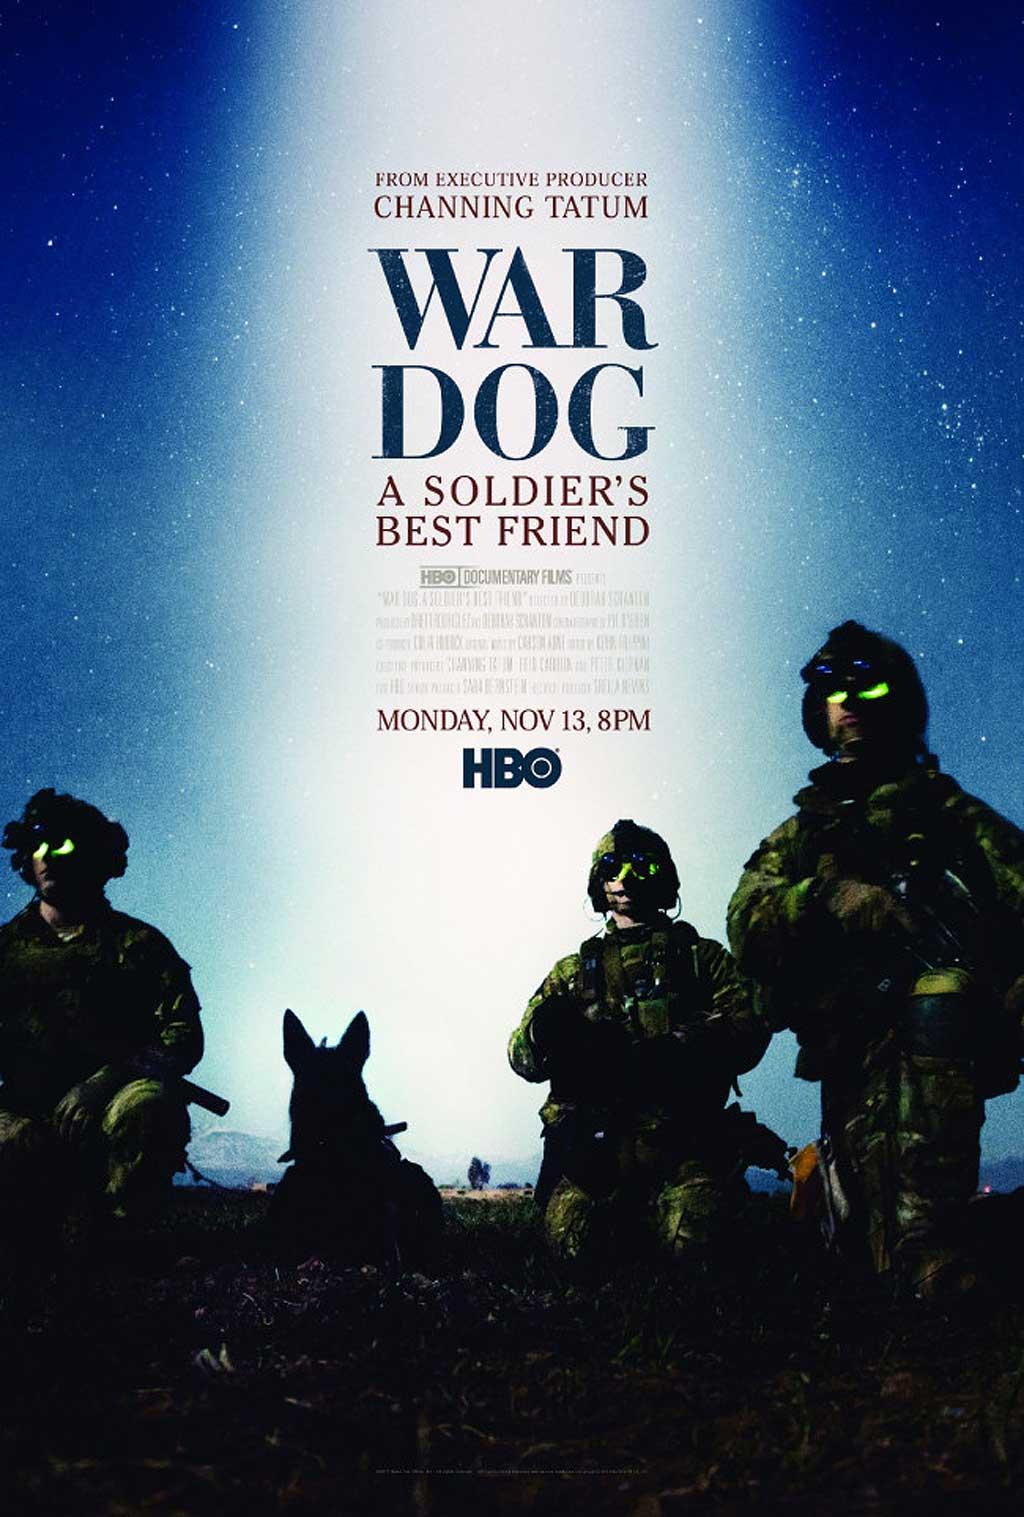 War dog. El mejor amigo de un soldado, en HBO.